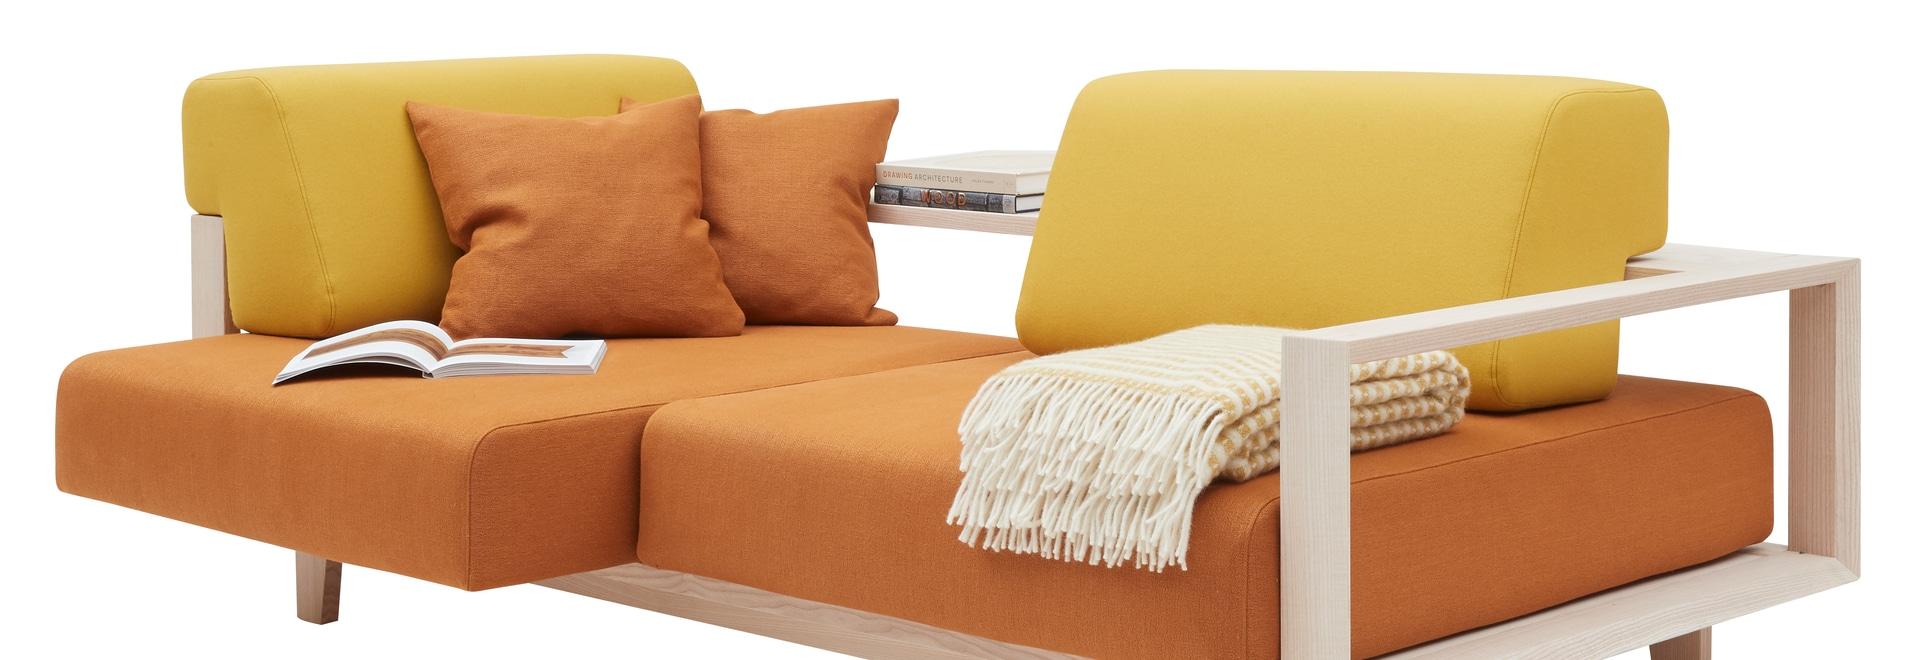 El nuevo sofá creativo WOOD